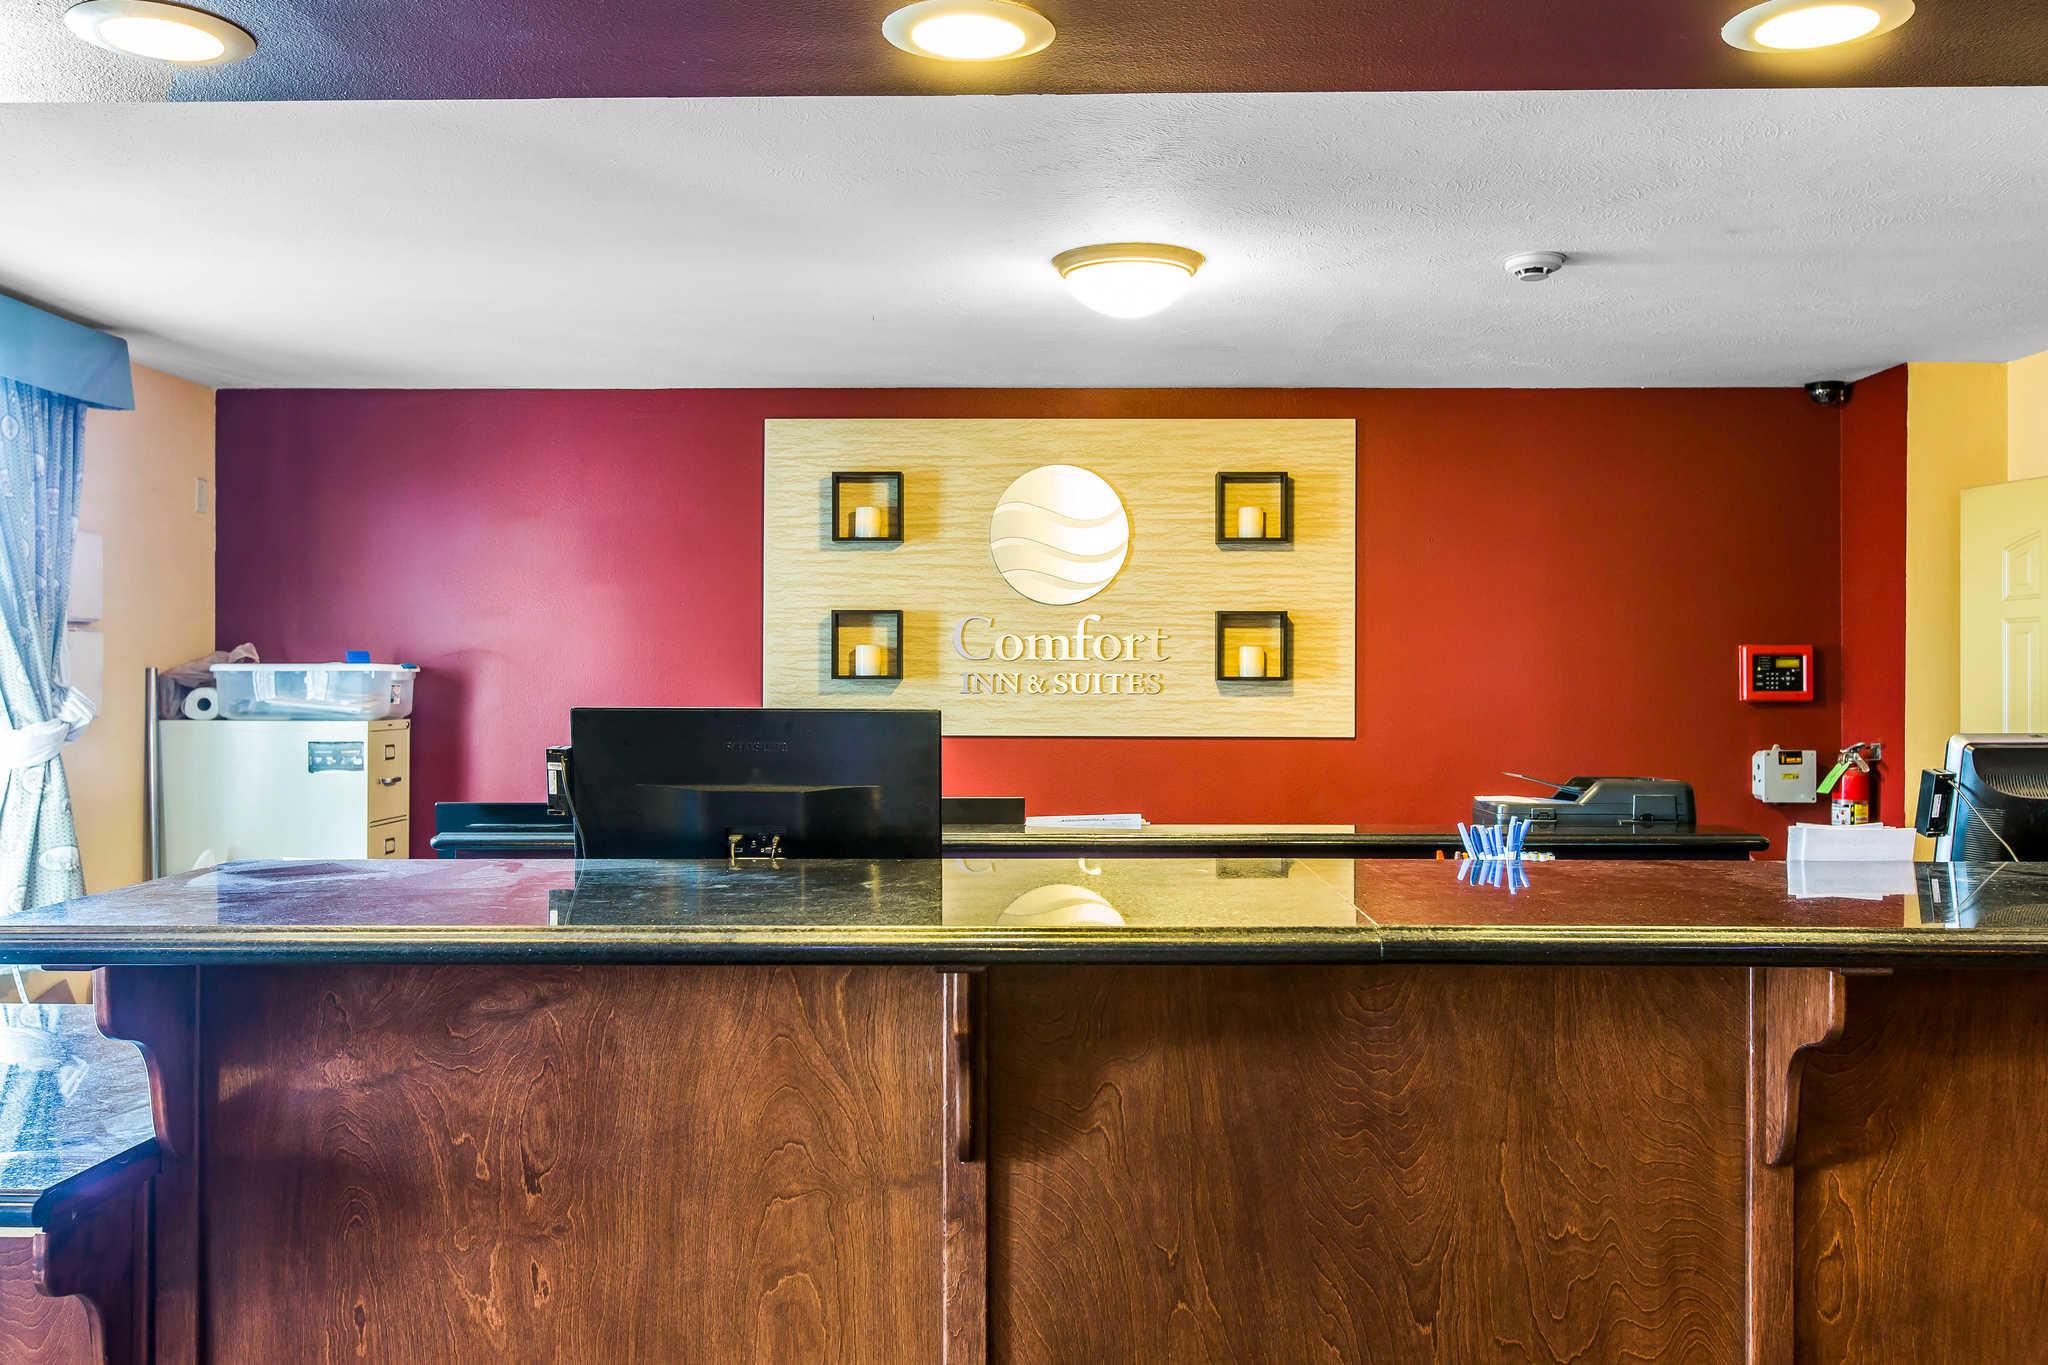 Comfort Inn & Suites El Centro I-8 image 2